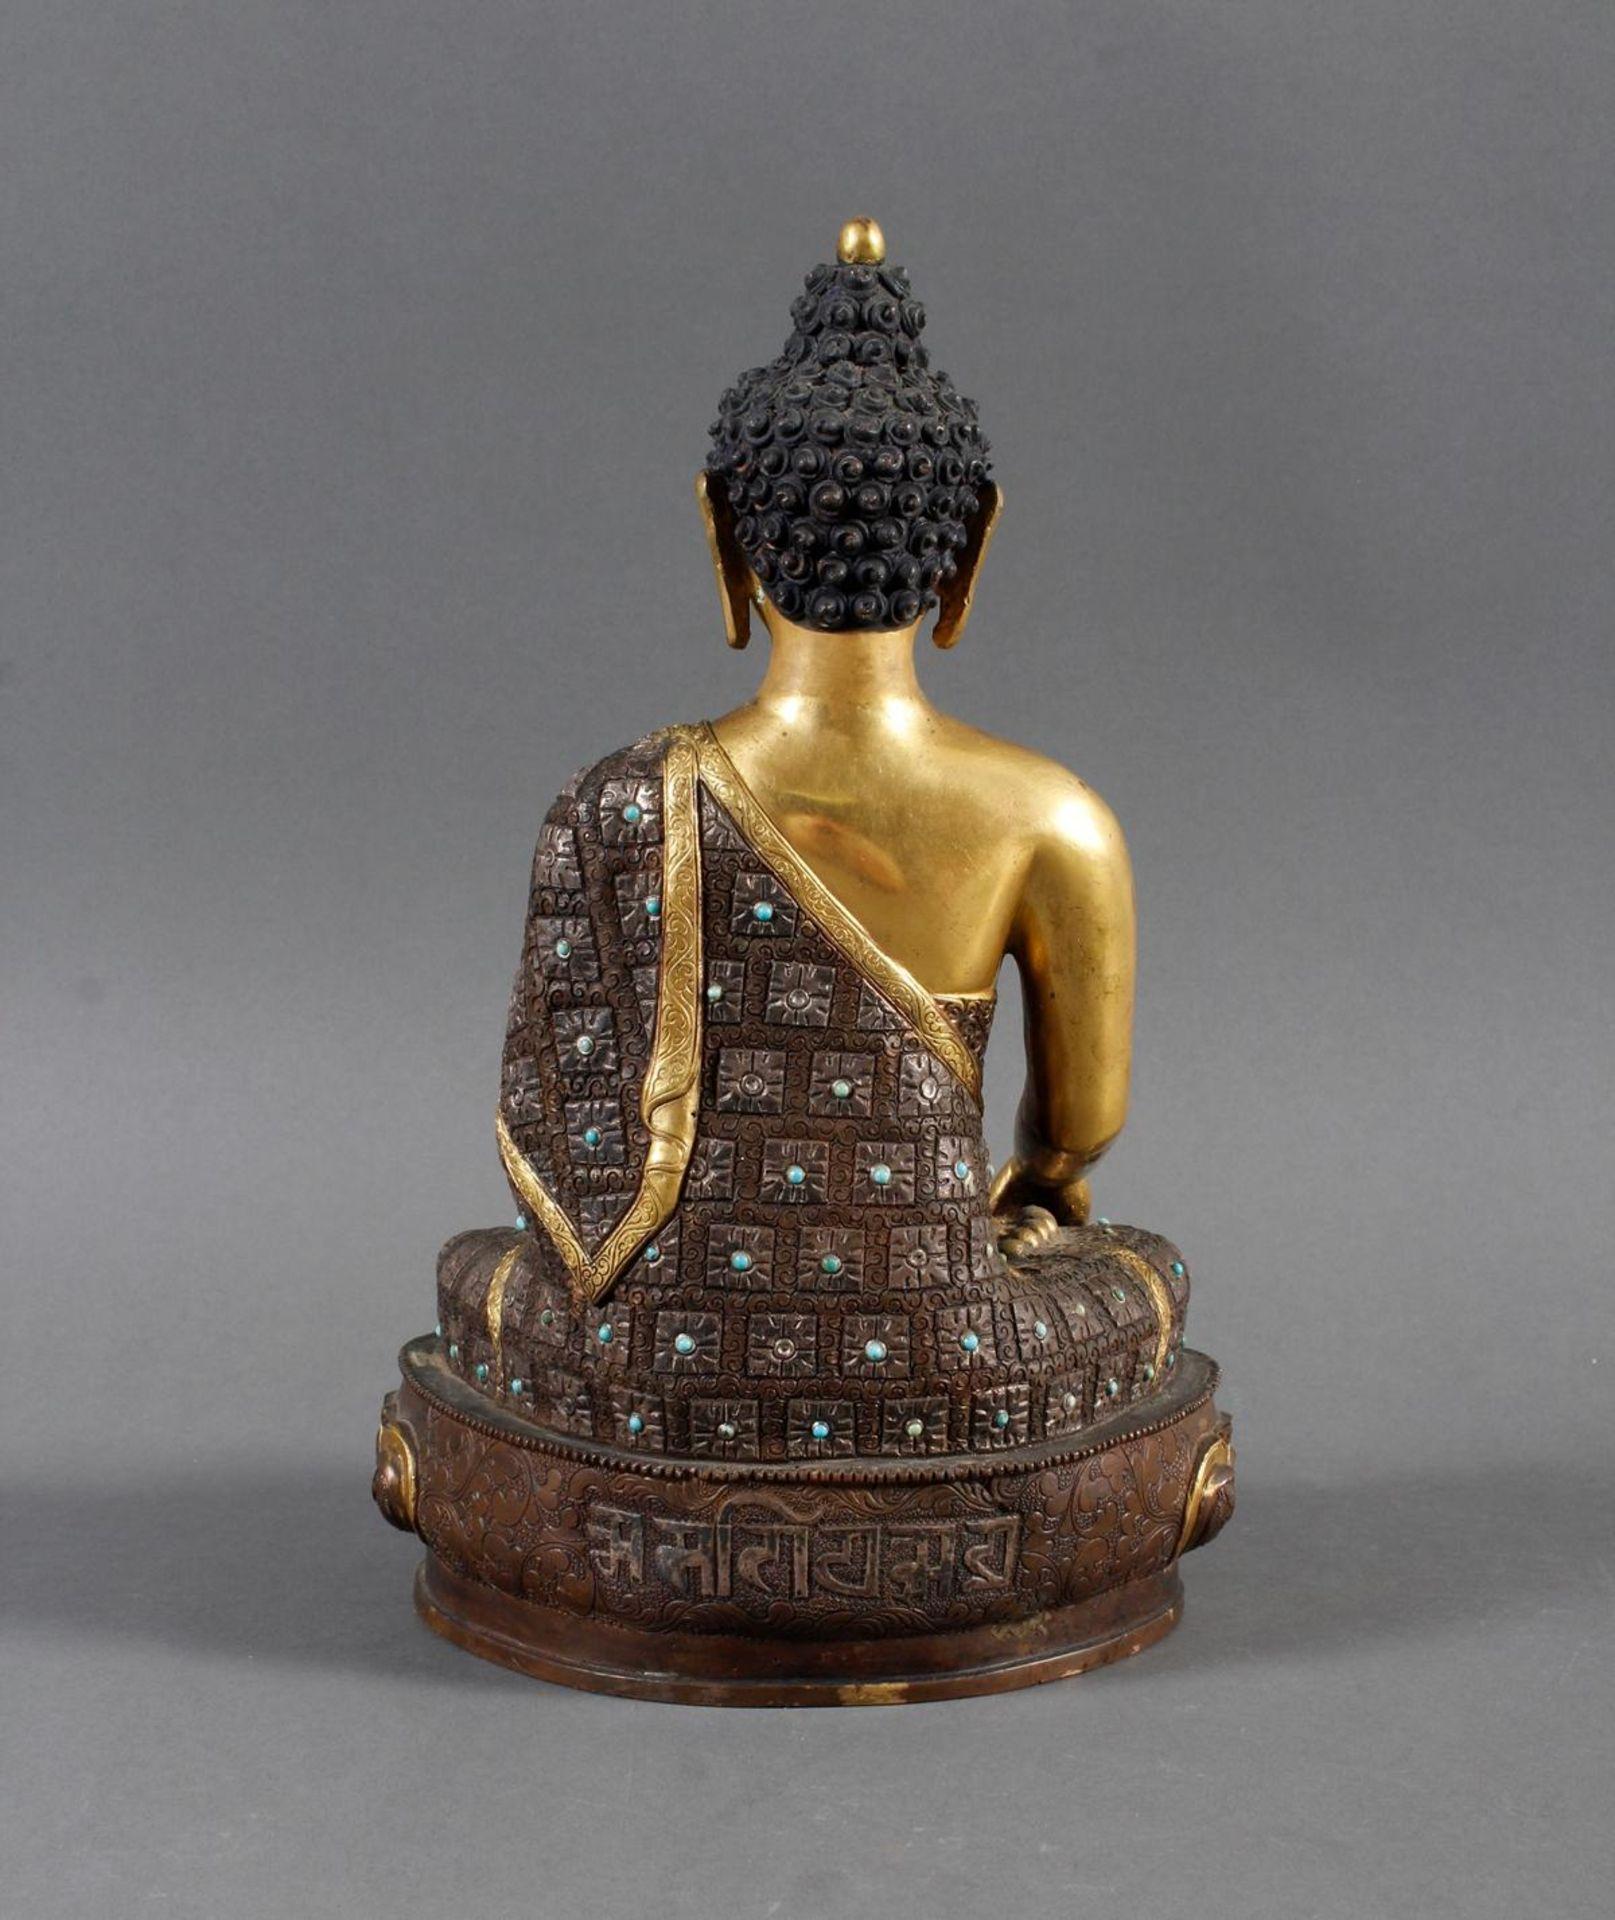 Bronze des Buddha Shakyamuni in der Erdberührungsgeste auf Lotospodest - Bild 3 aus 10